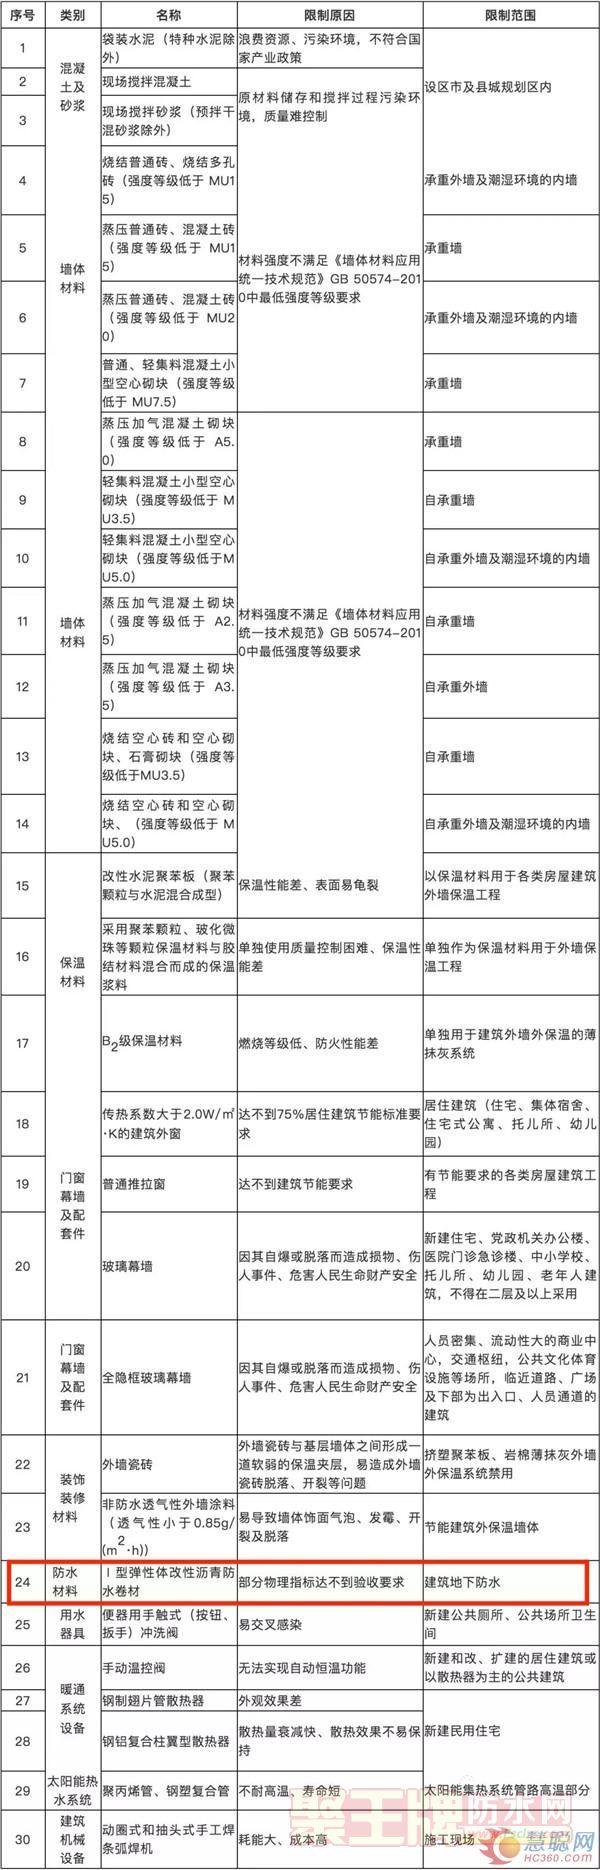 点击查看河北省禁止使用建设工程材料设备产品目录详细说明